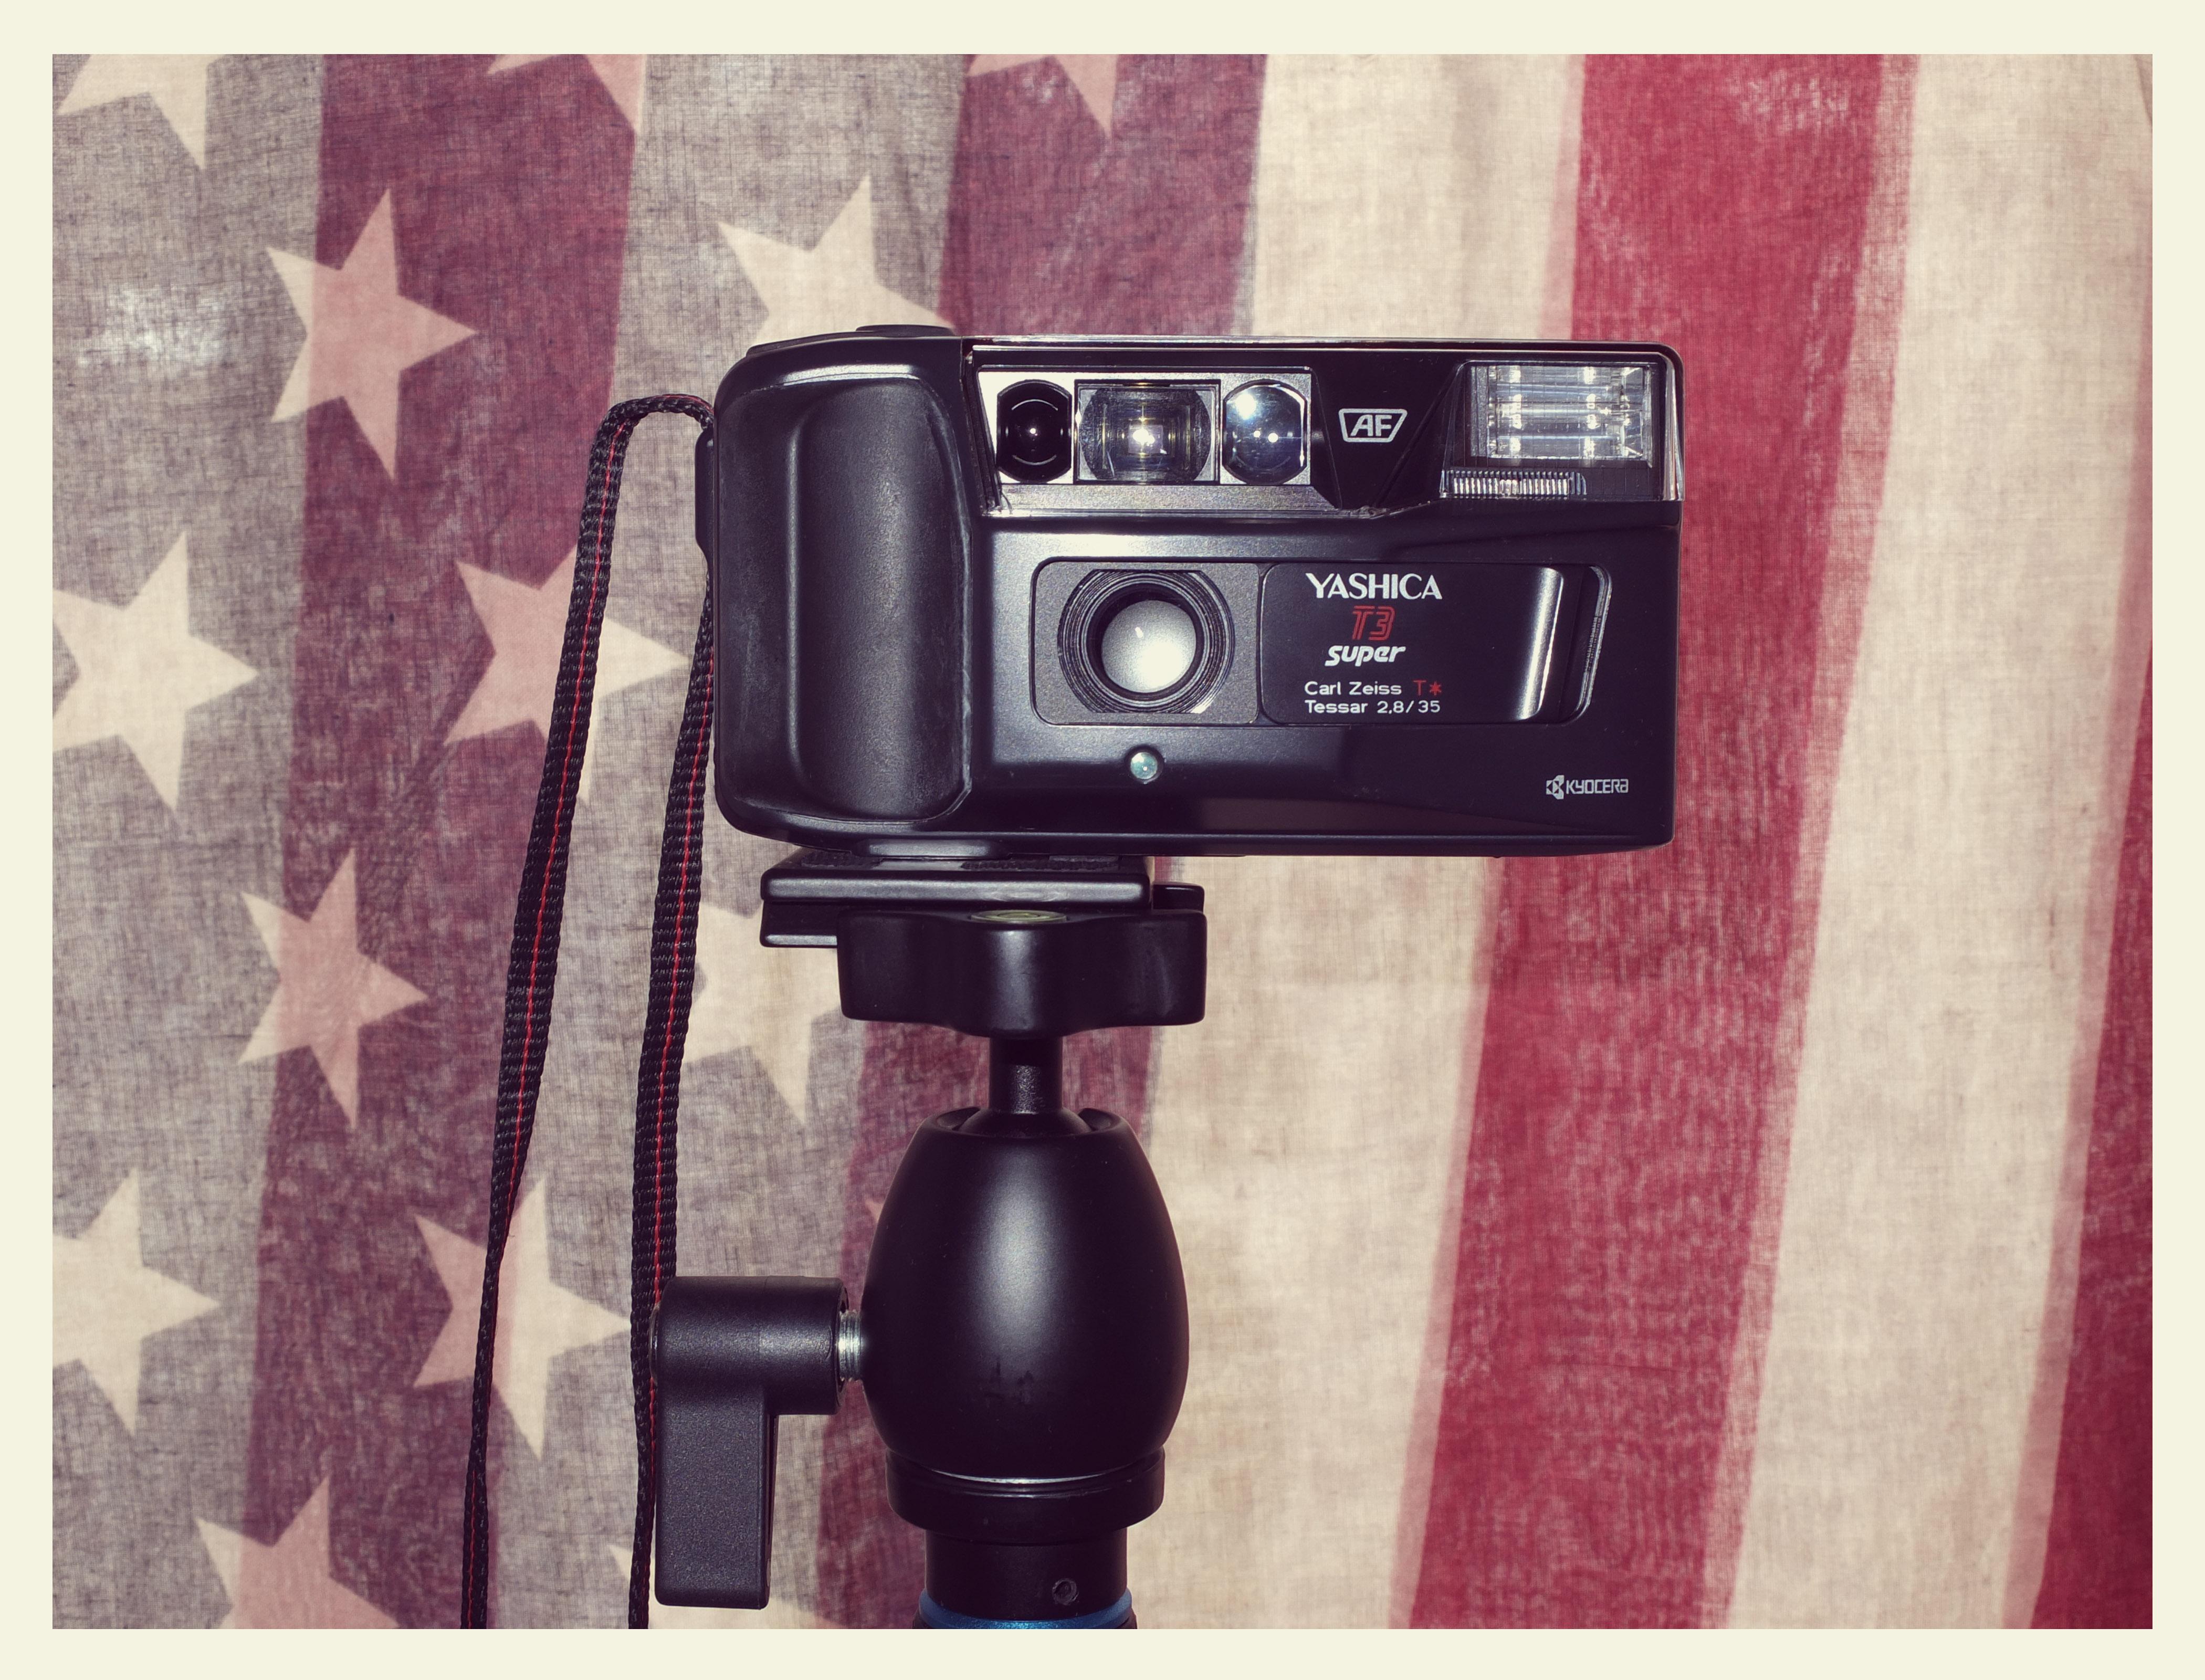 welcher film passt am besten zur yashica t3 um partyfotos zu machen kamera kunst fotografie. Black Bedroom Furniture Sets. Home Design Ideas